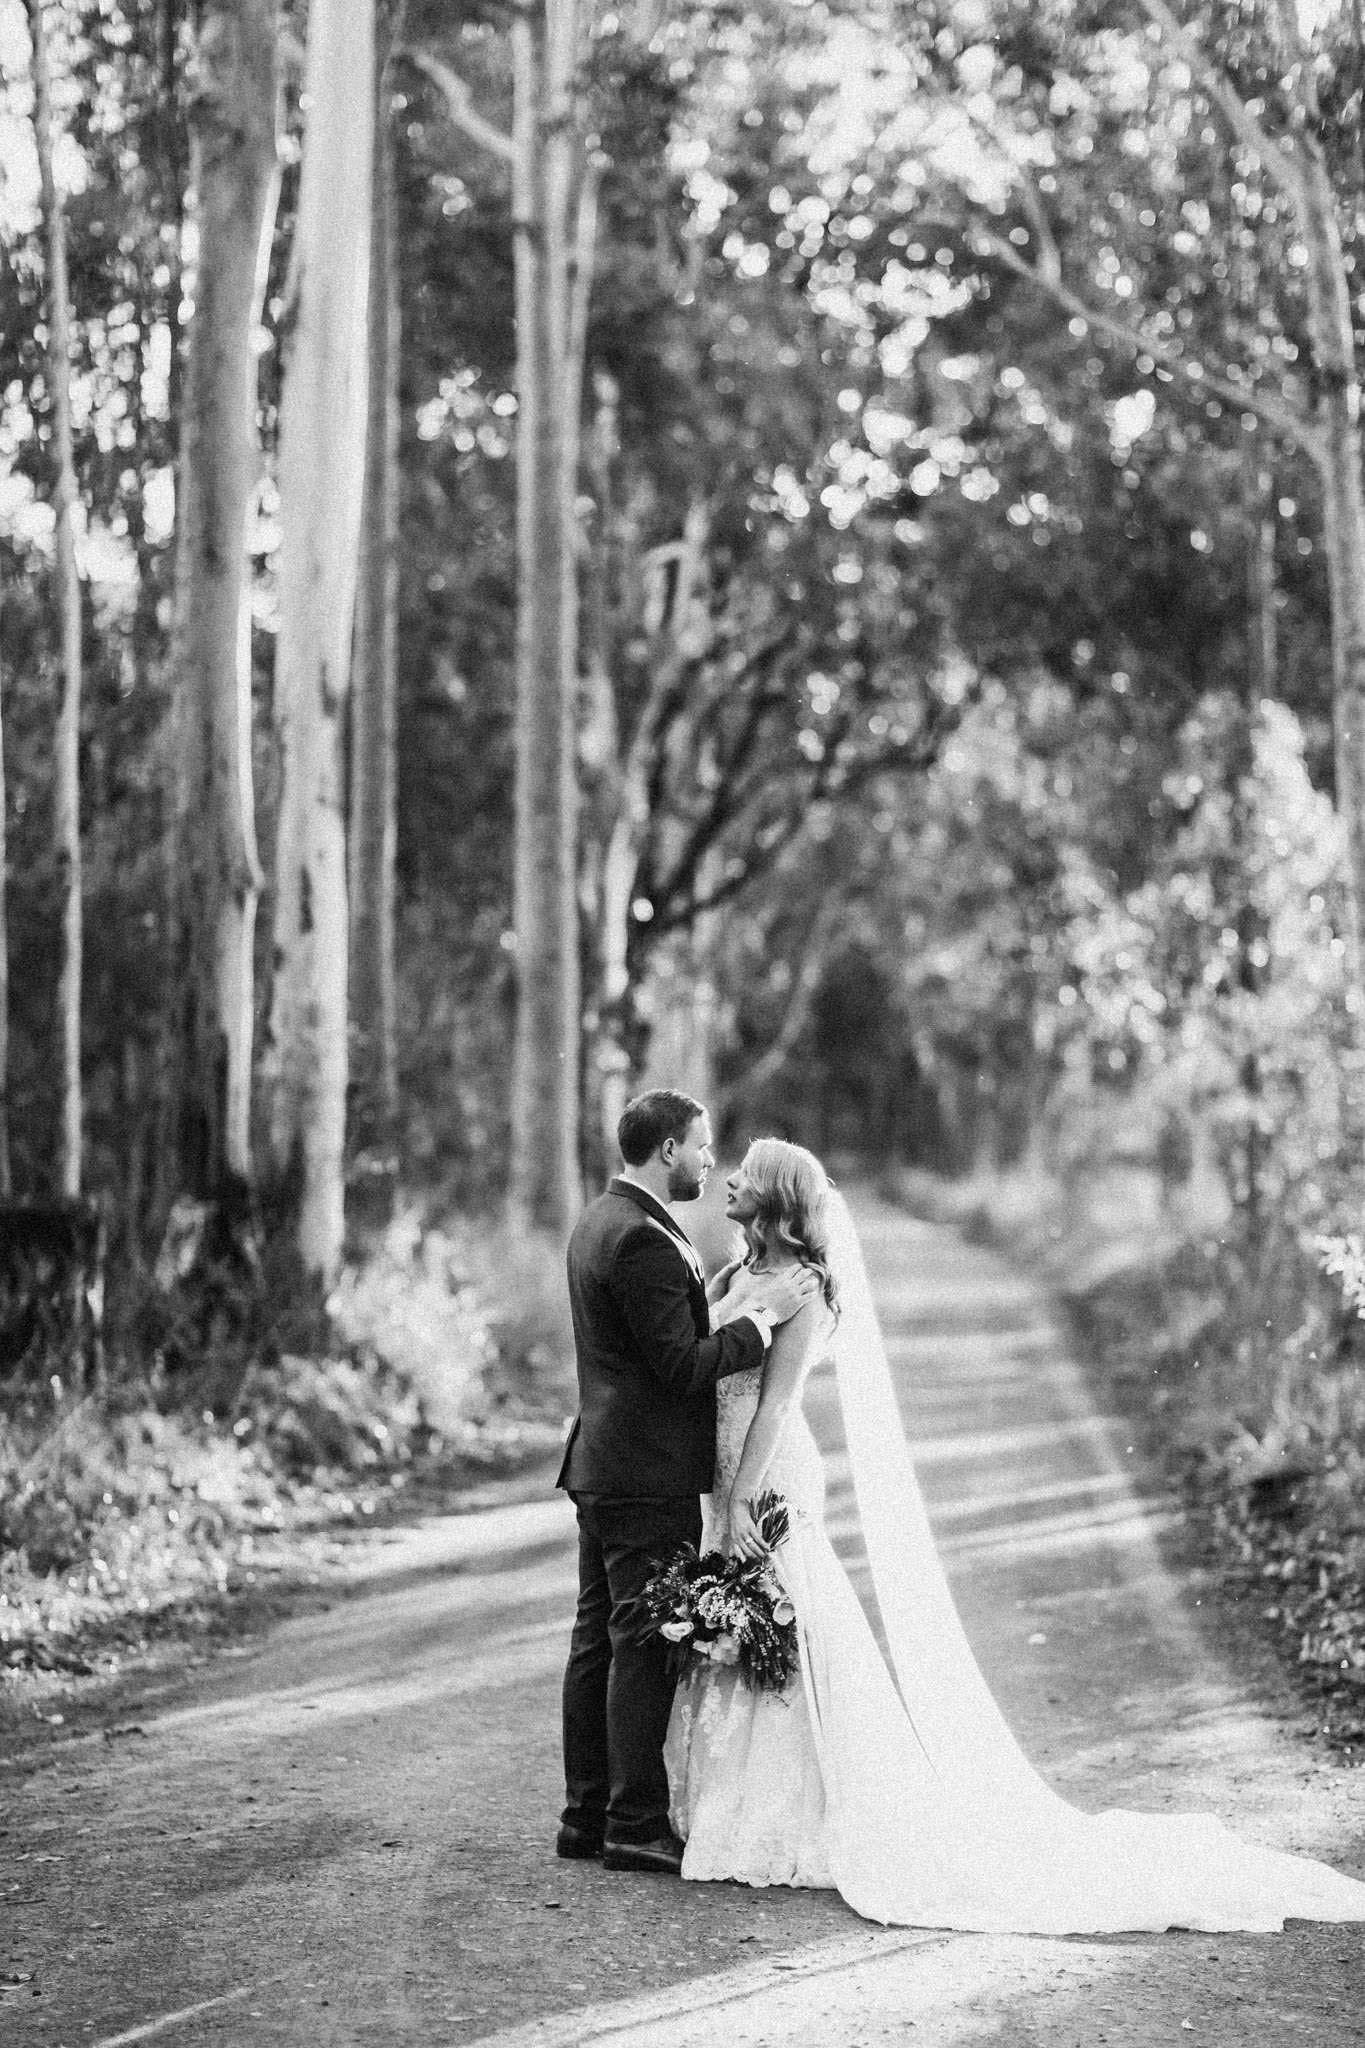 WeddingPhotos_Facebook_2048pixels-1089.jpg